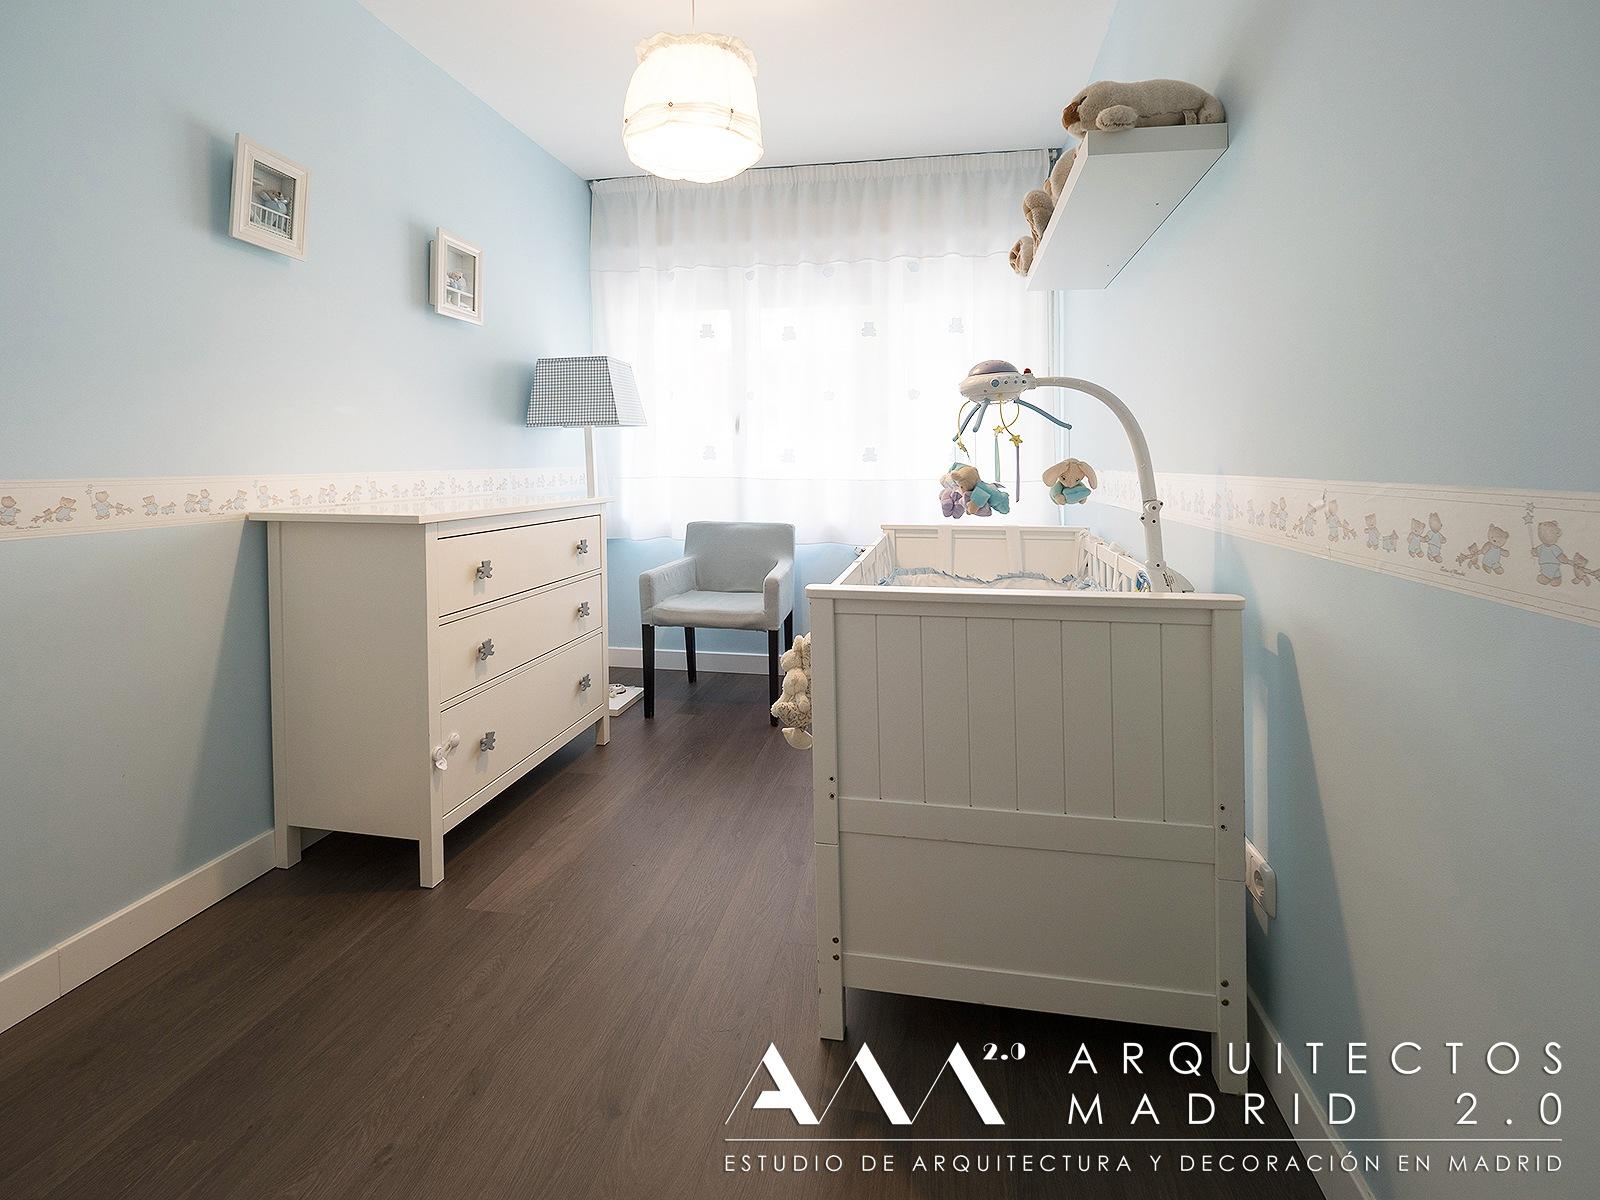 reforma-convertir-oficina-en-vivienda-arquitectos-madrid-05